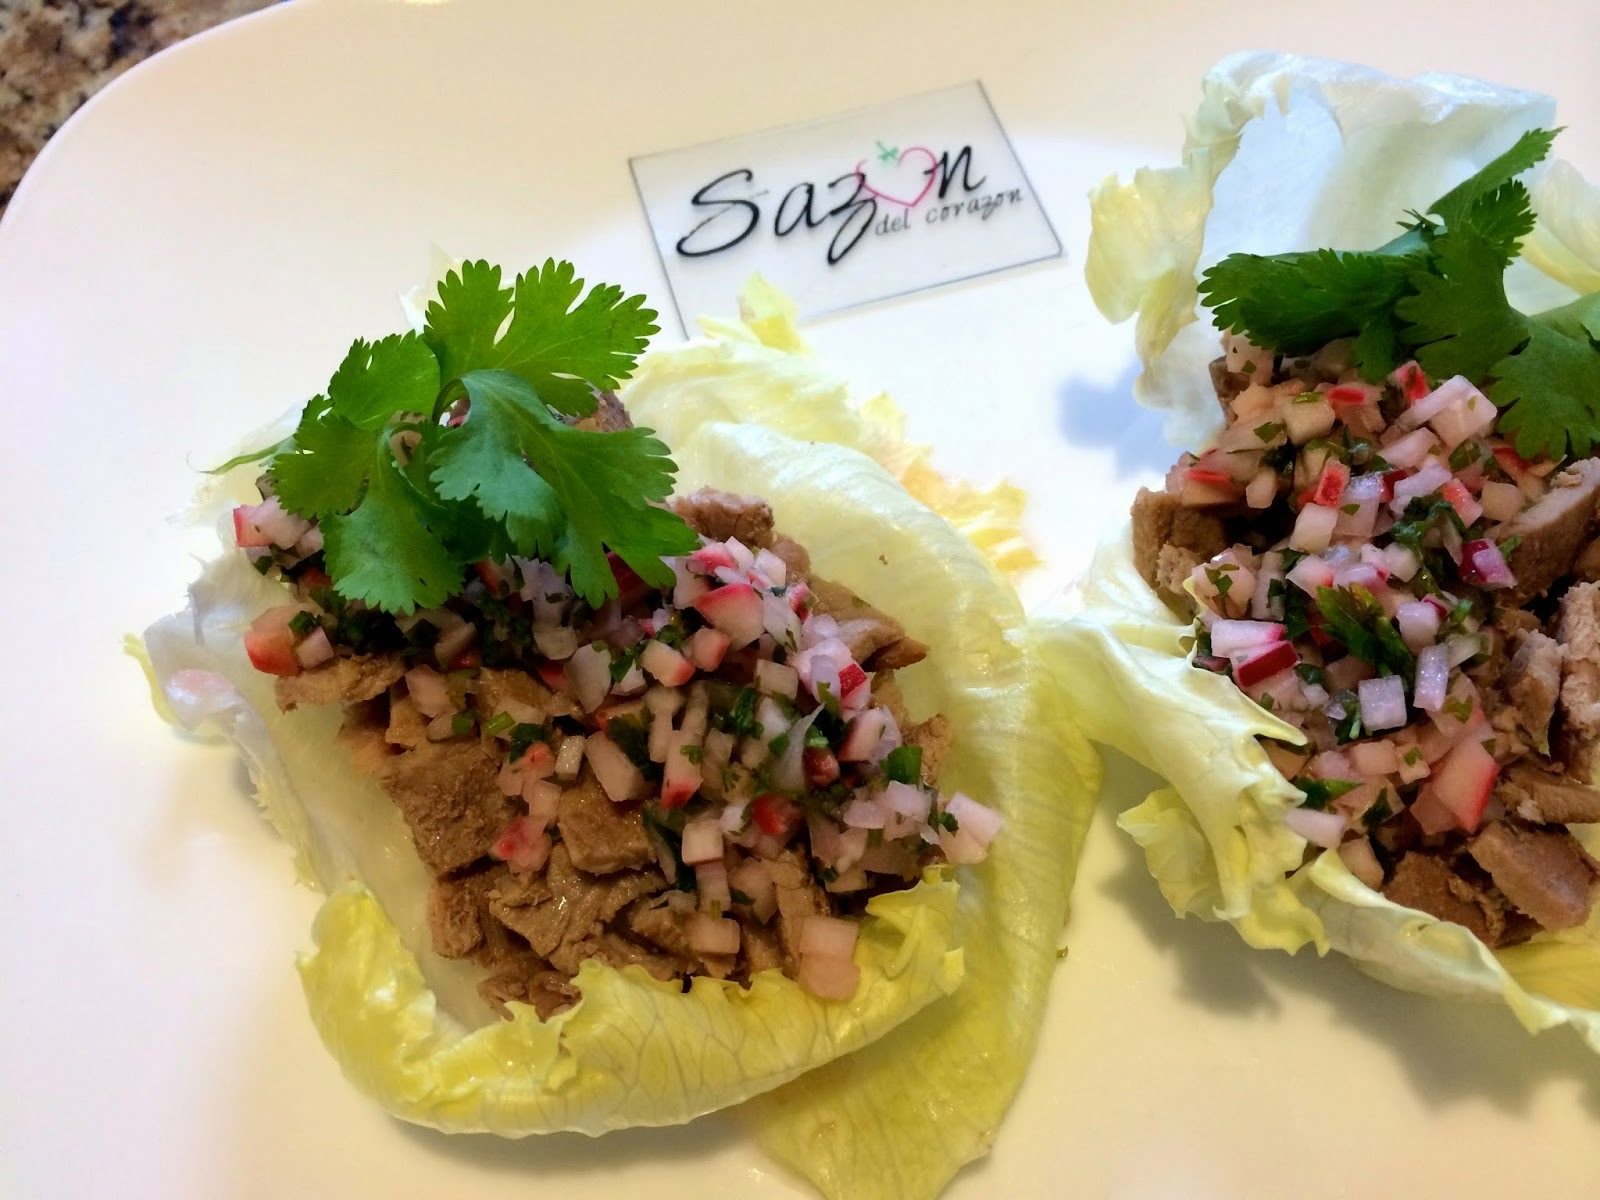 Tacos de lechuga con carne asada